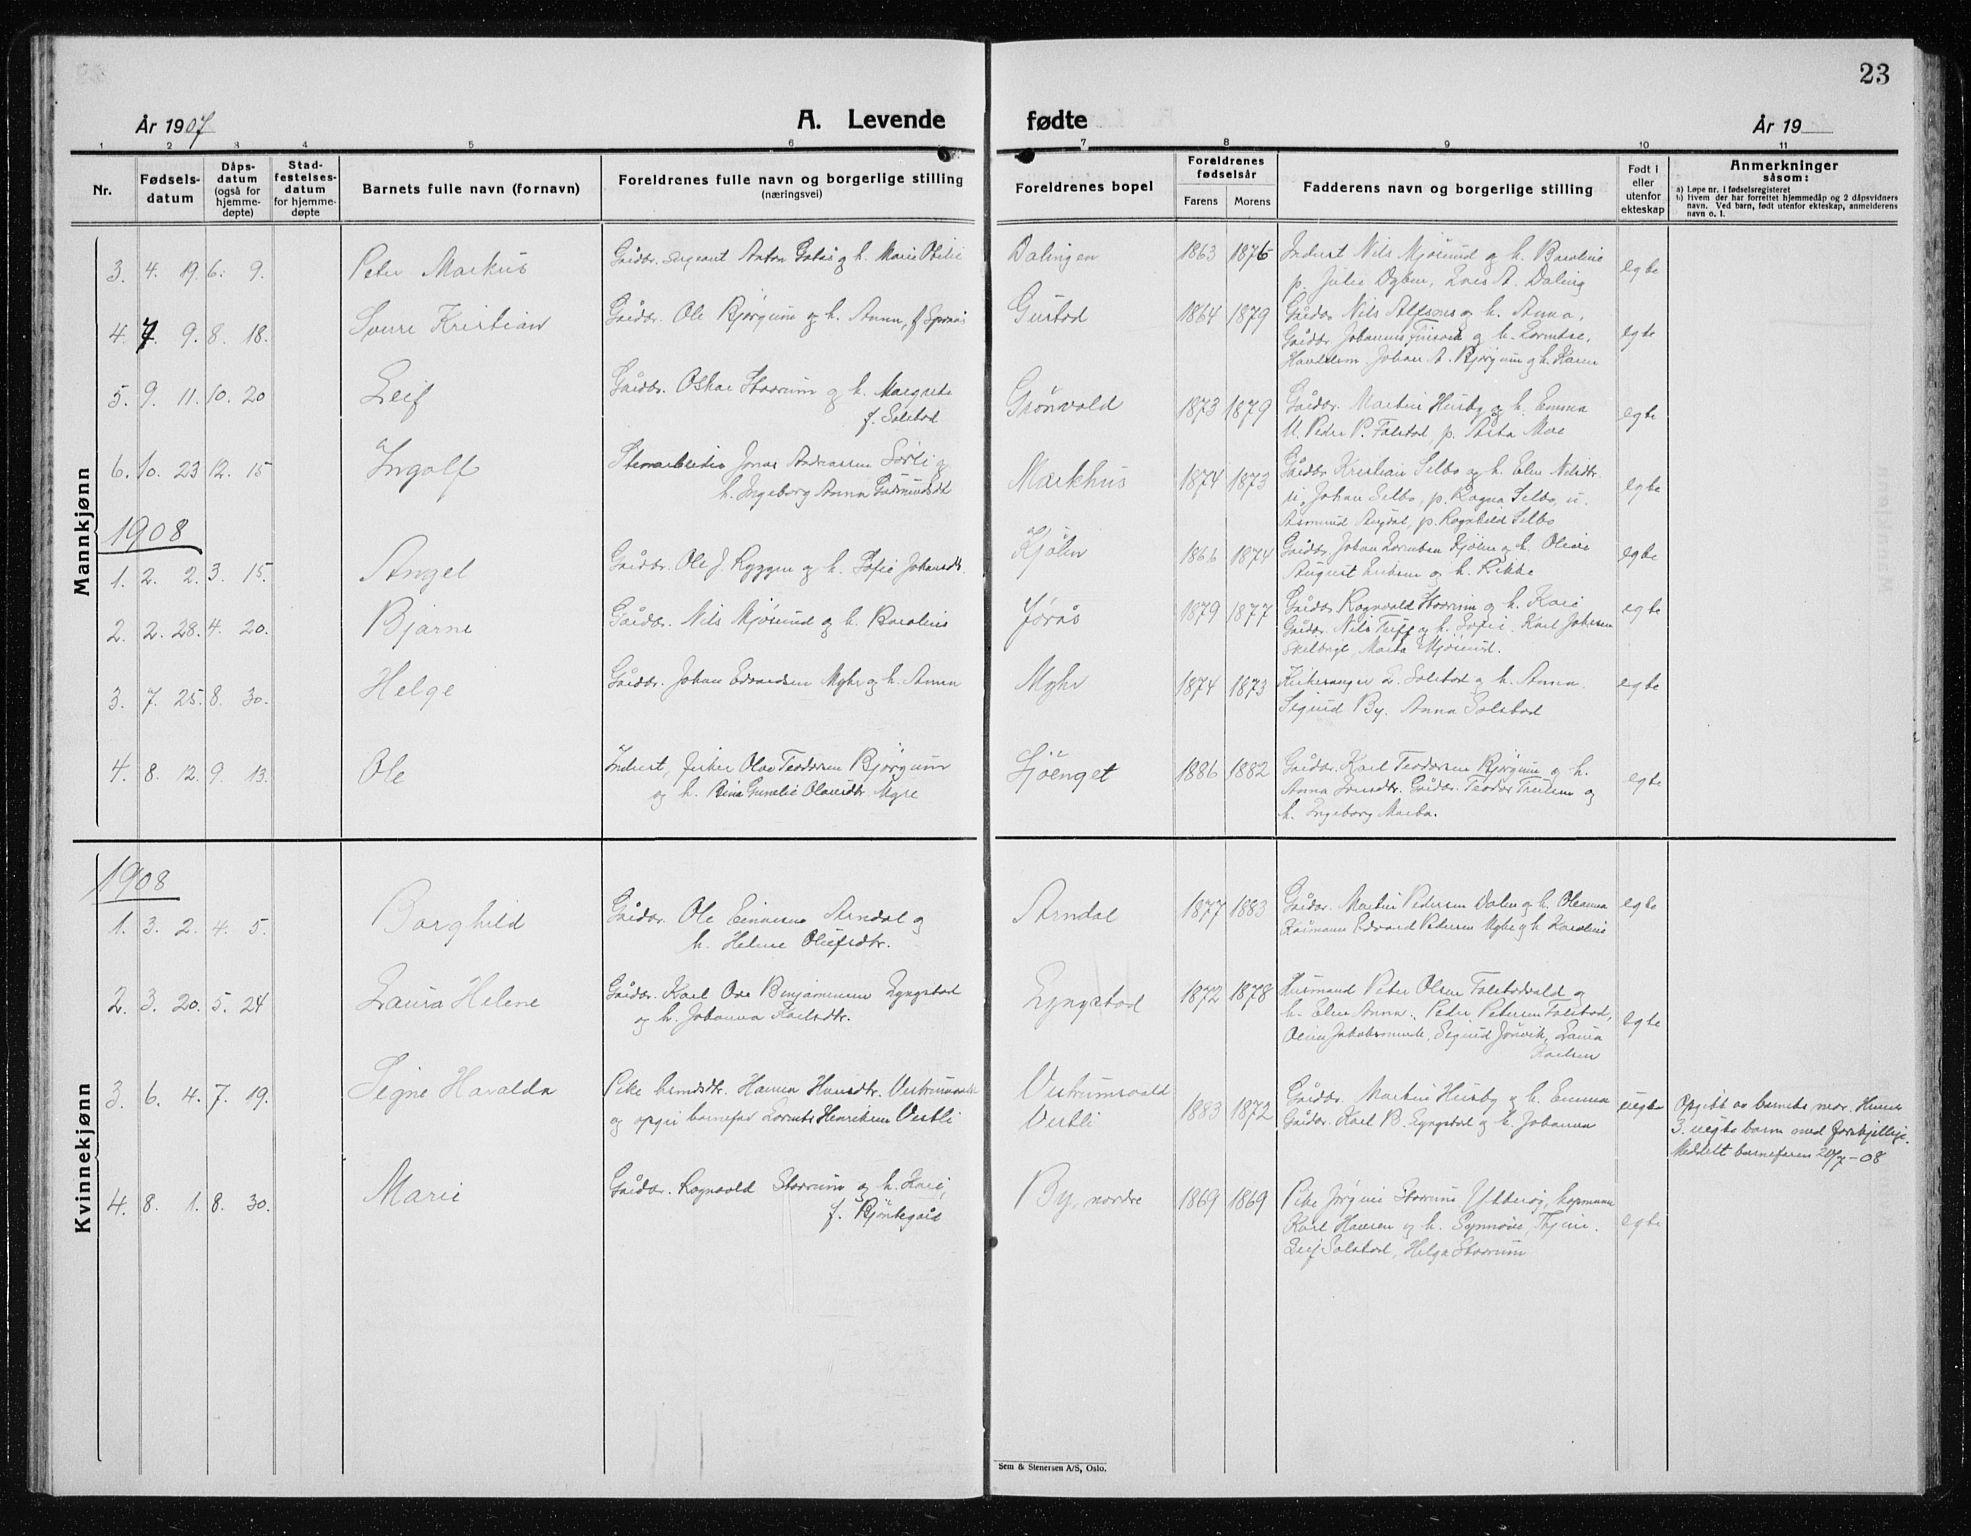 SAT, Ministerialprotokoller, klokkerbøker og fødselsregistre - Nord-Trøndelag, 719/L0180: Klokkerbok nr. 719C01, 1878-1940, s. 23